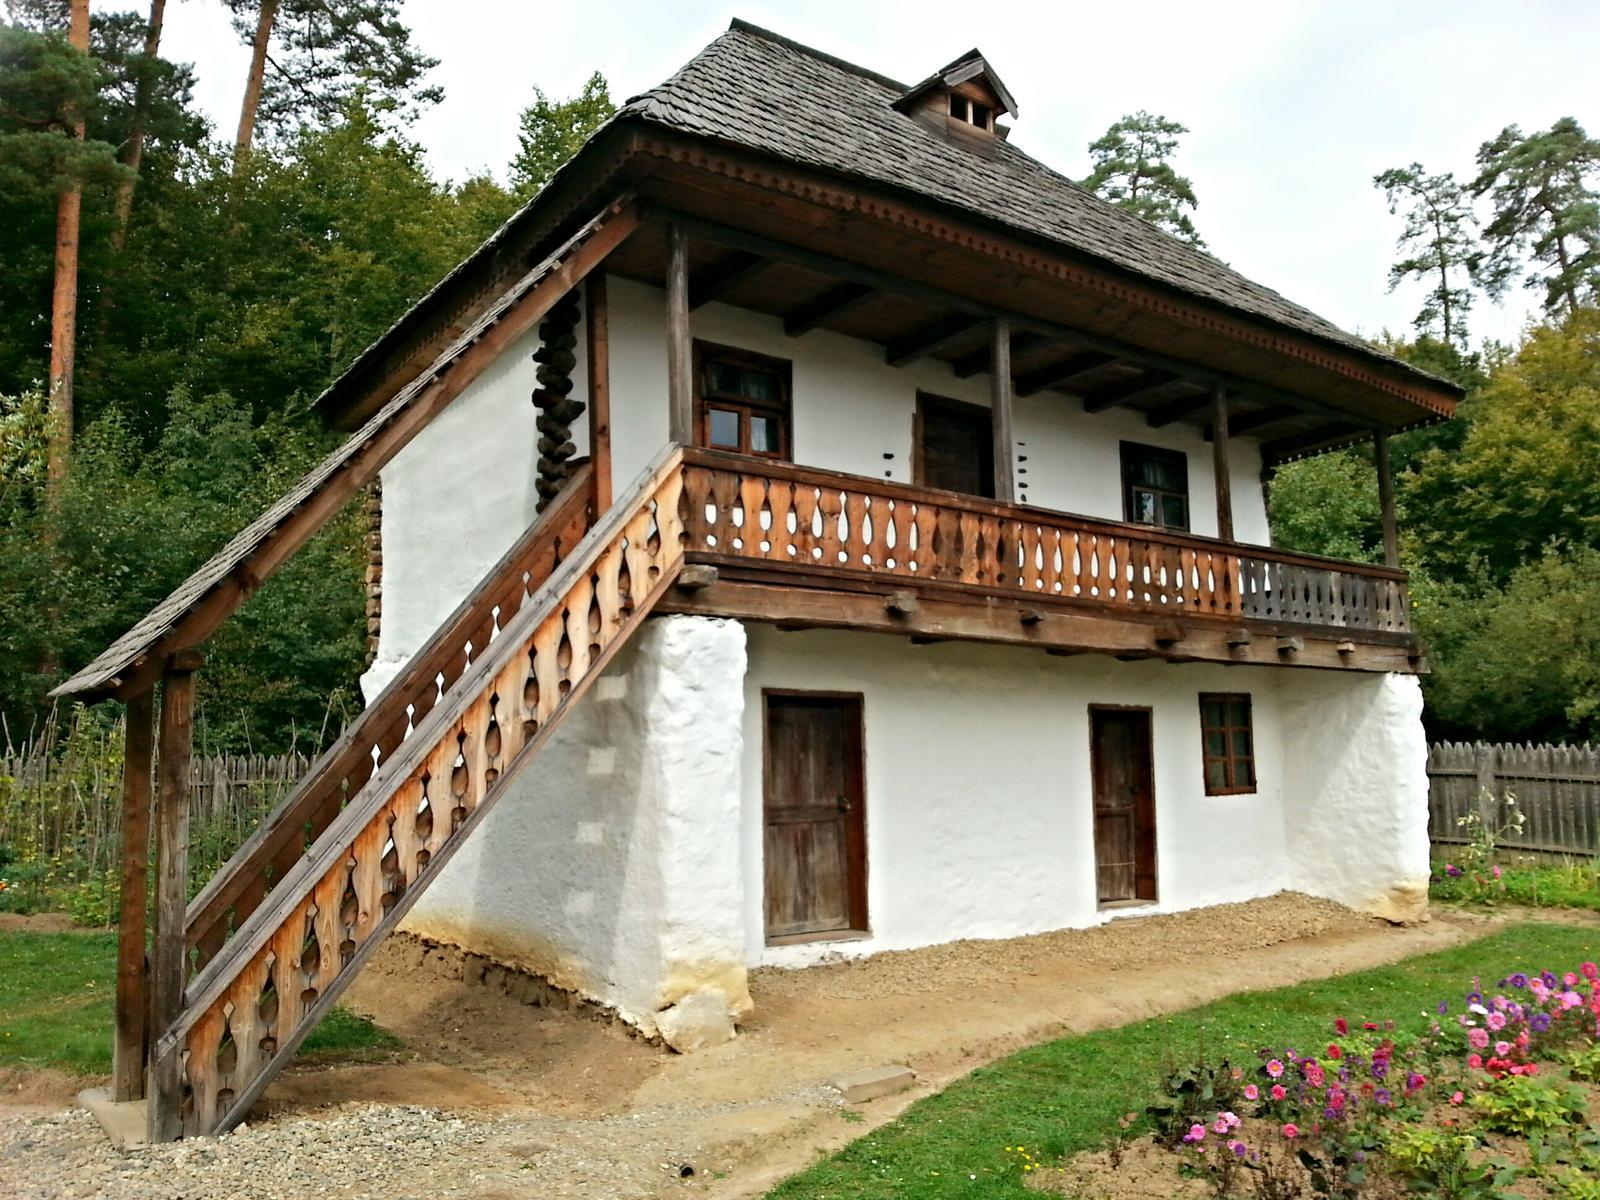 Rumunsko <3 - Obrázok č. 20